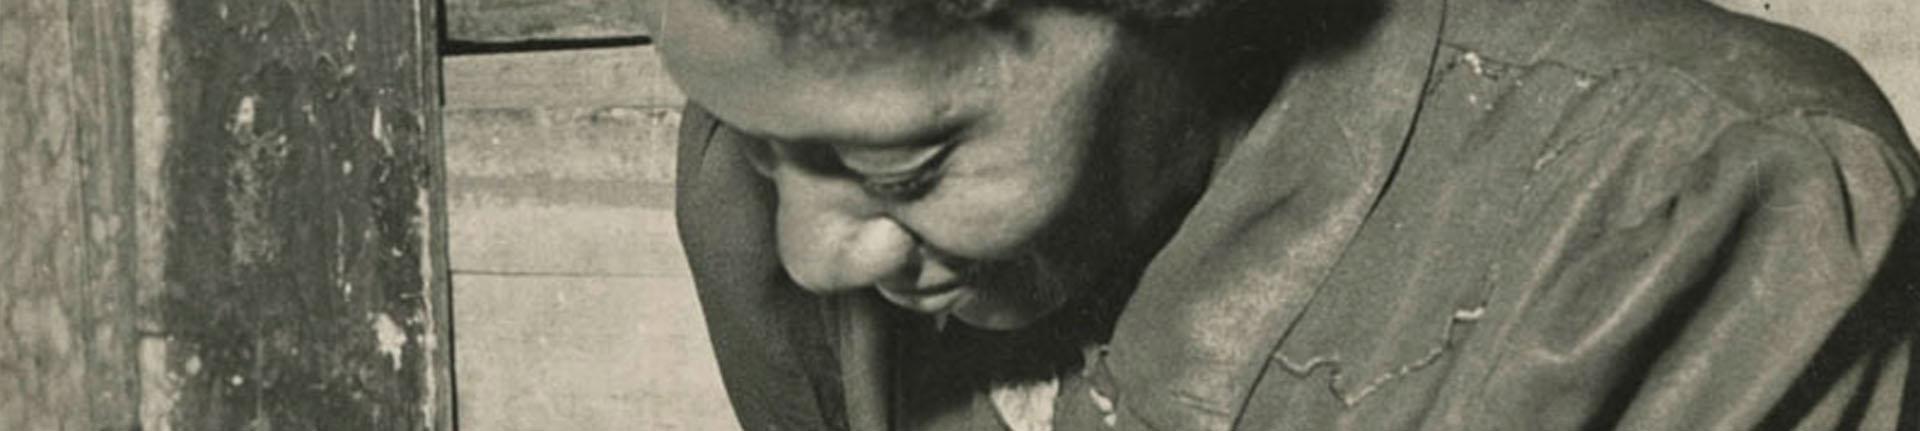 Diário de Bitita: conheça a empoderada escritora Carolina Maria de Jesus